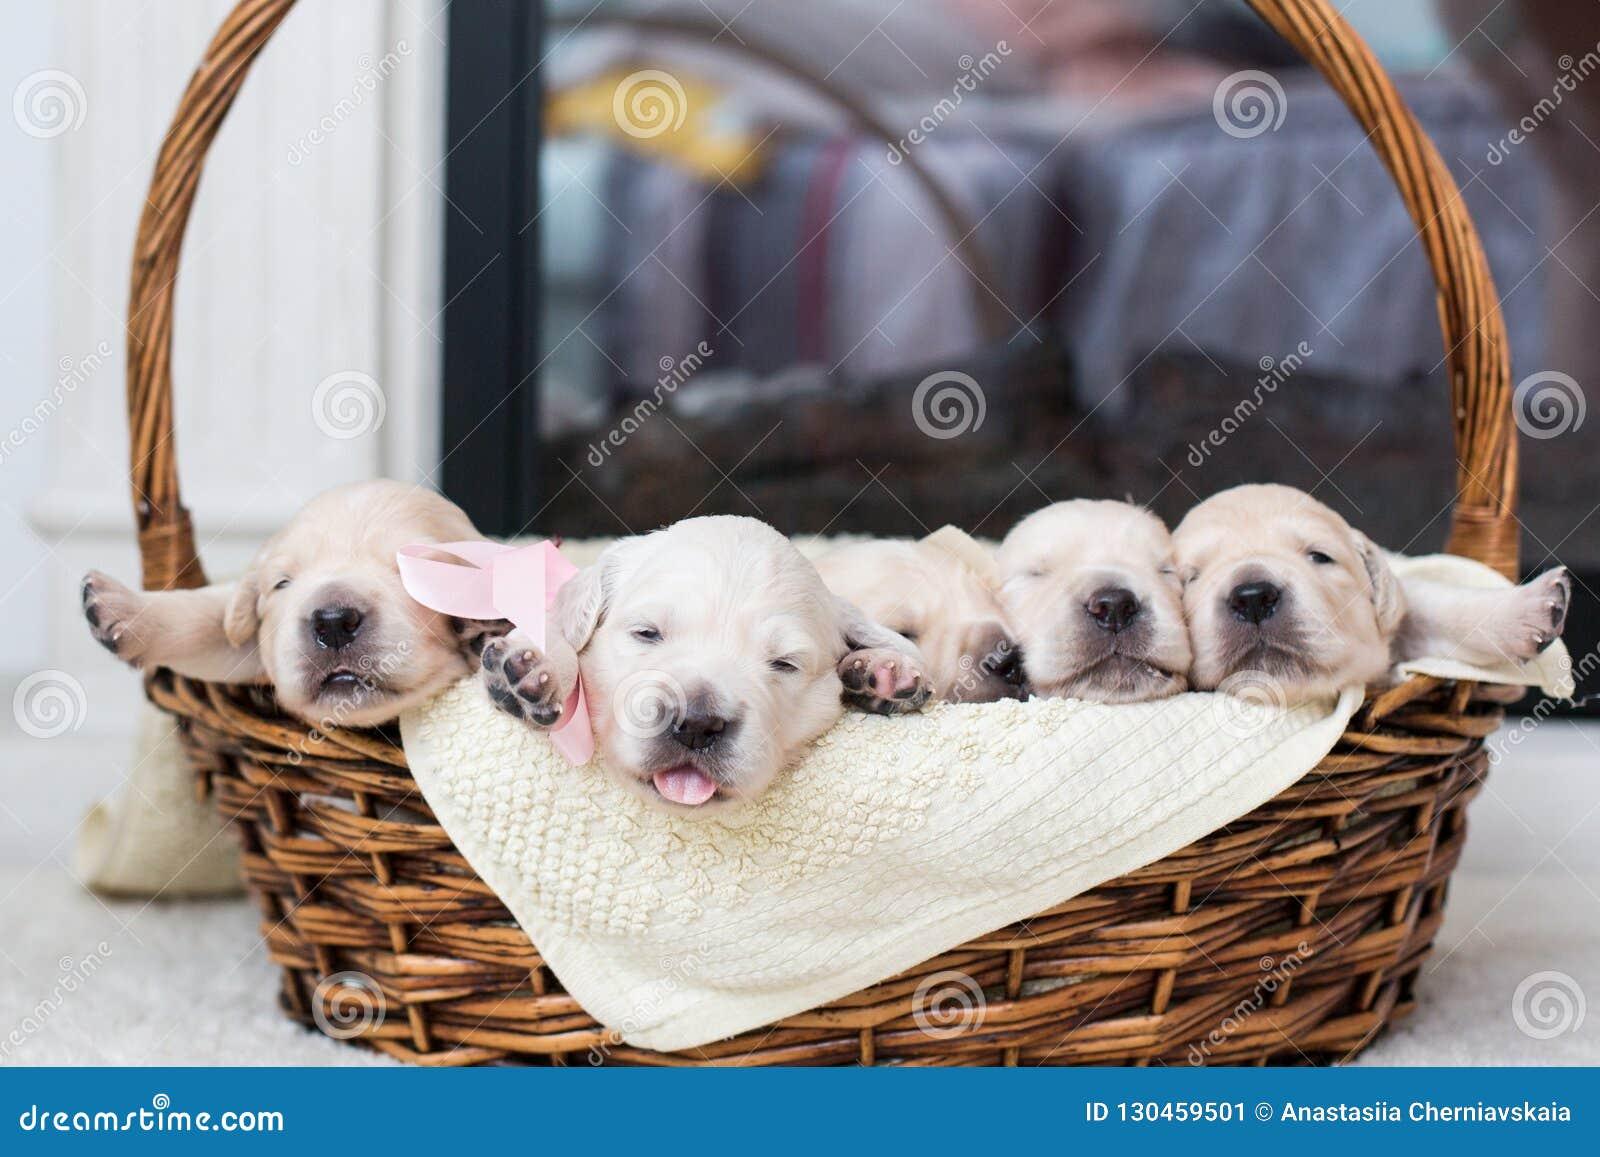 Cinque cuccioli adorabili di golden retriever in un canestro di vimini